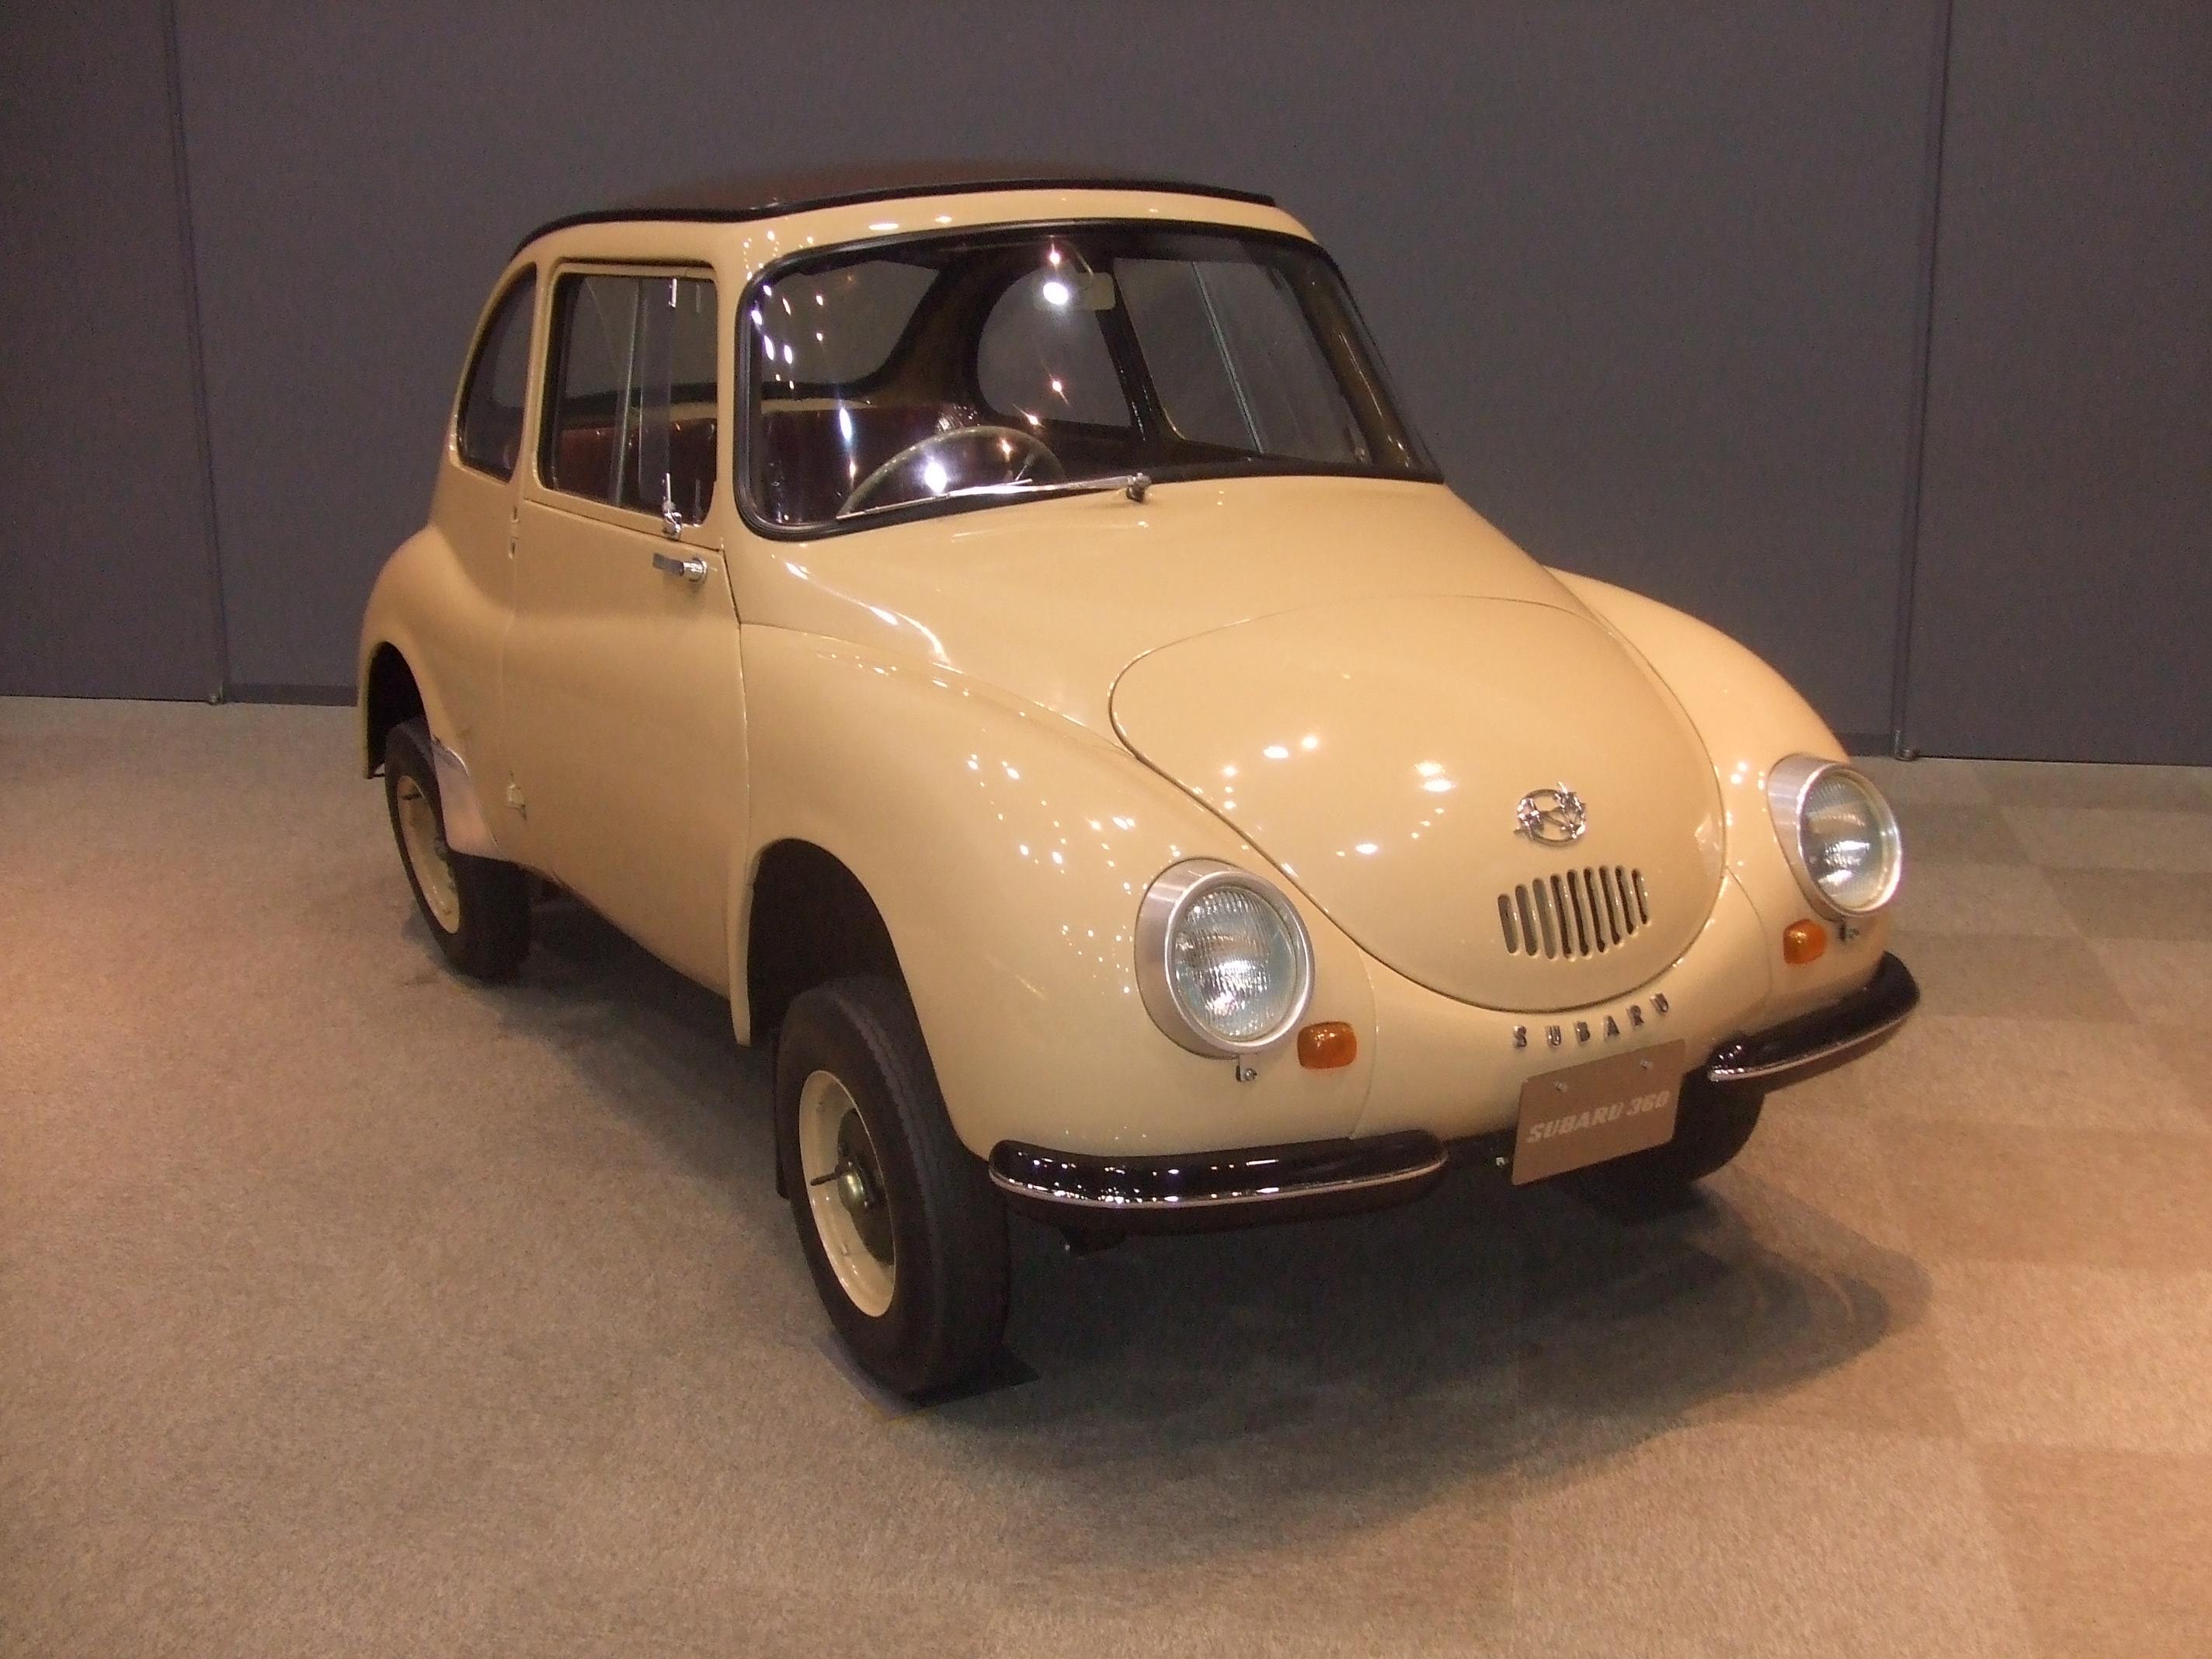 脱セカンドカー!? 時代の変化を色濃く表す、軽自動車の進化